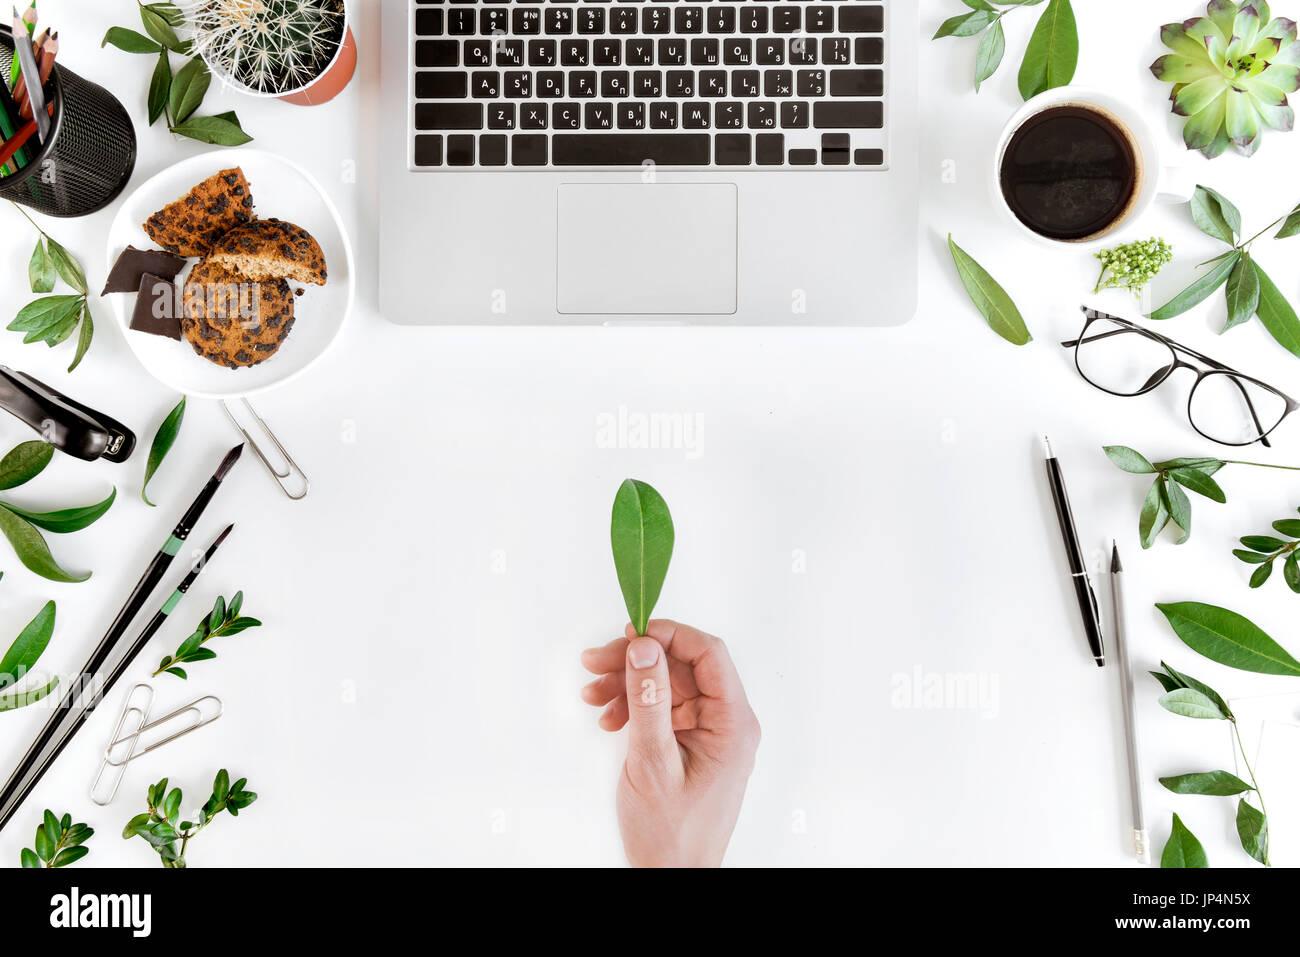 Vista superior parcial de la persona titular de hojas verdes en el lugar de trabajo con un ordenador portátil, la taza de café, de hojas verdes y suministros de oficina, comunicación inalámbrica concepto Imagen De Stock